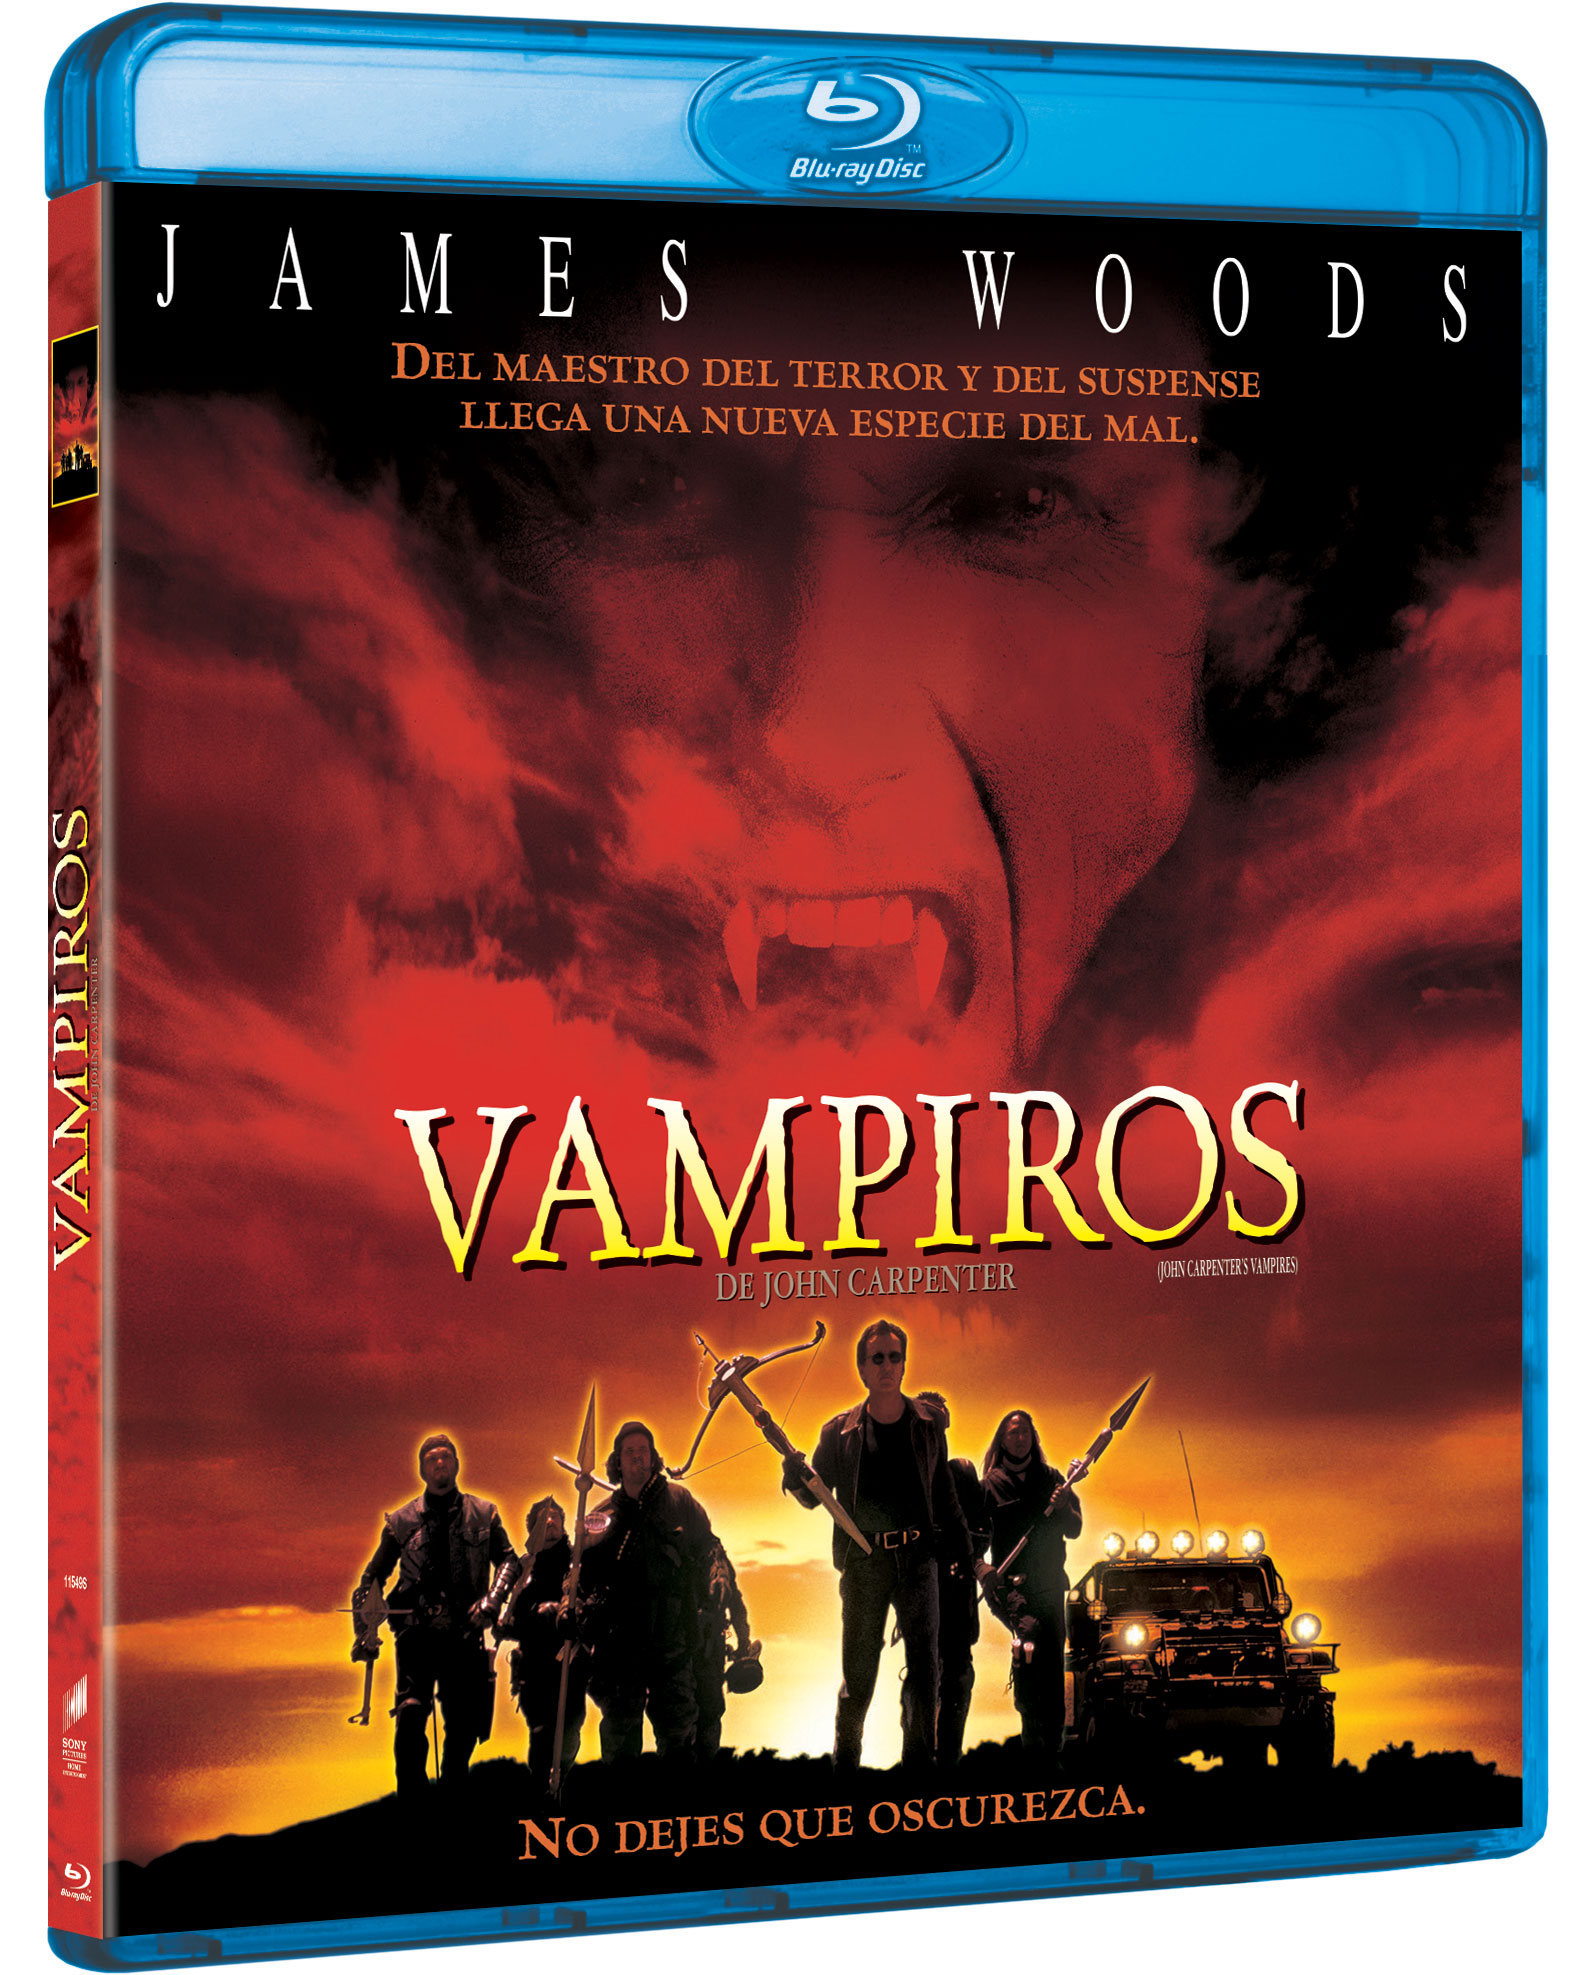 'Vampiros' en Blu-ray